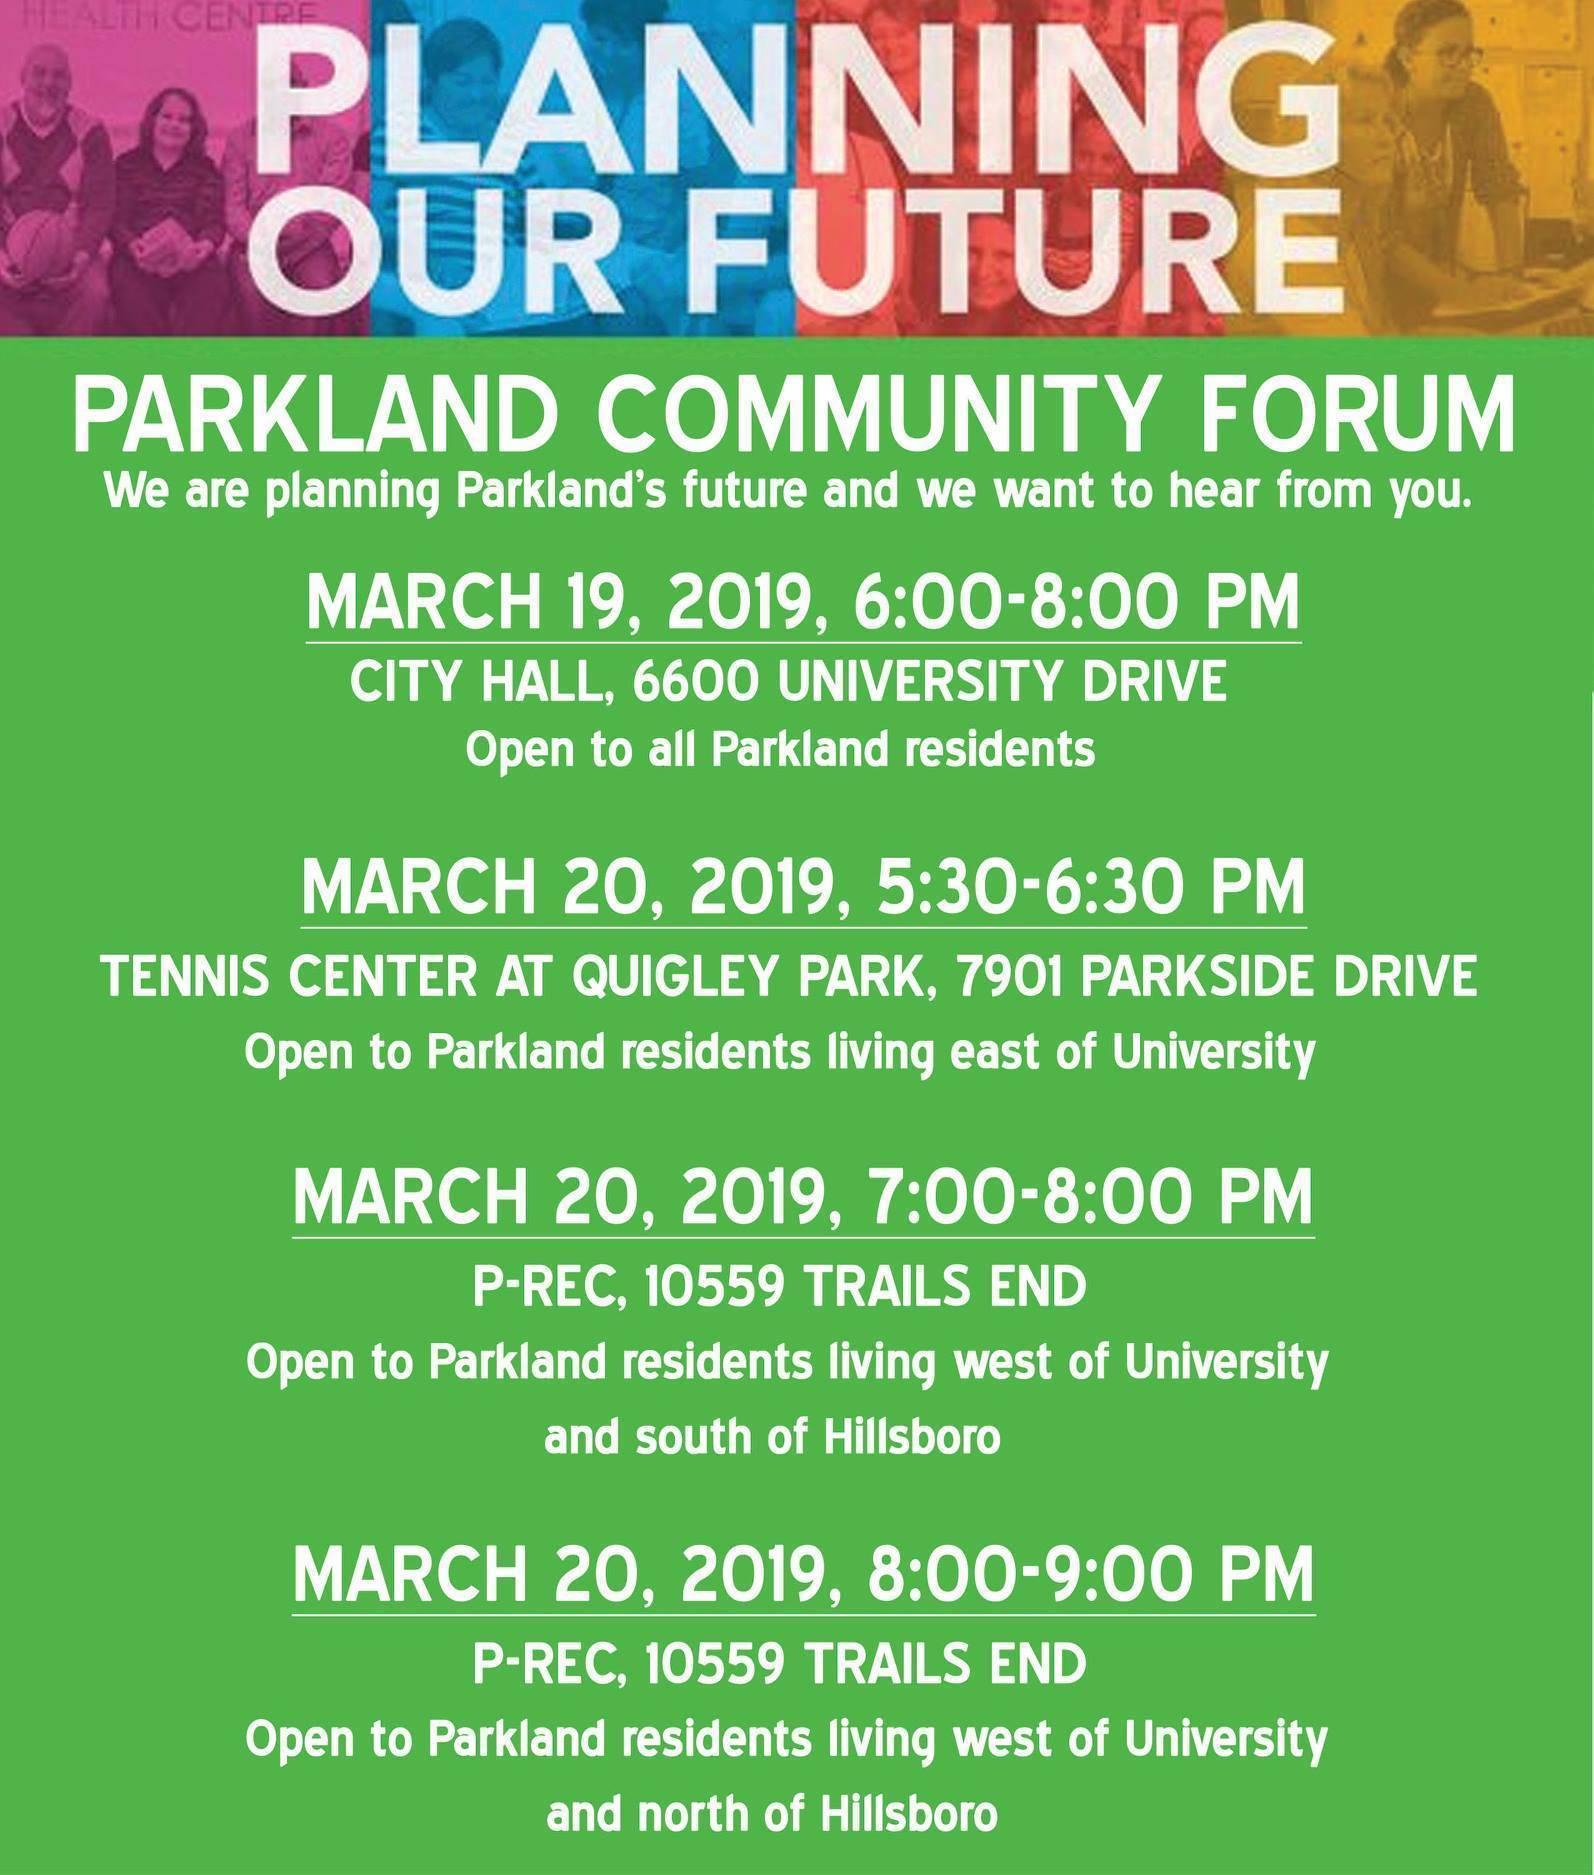 Planning Parkland's Future